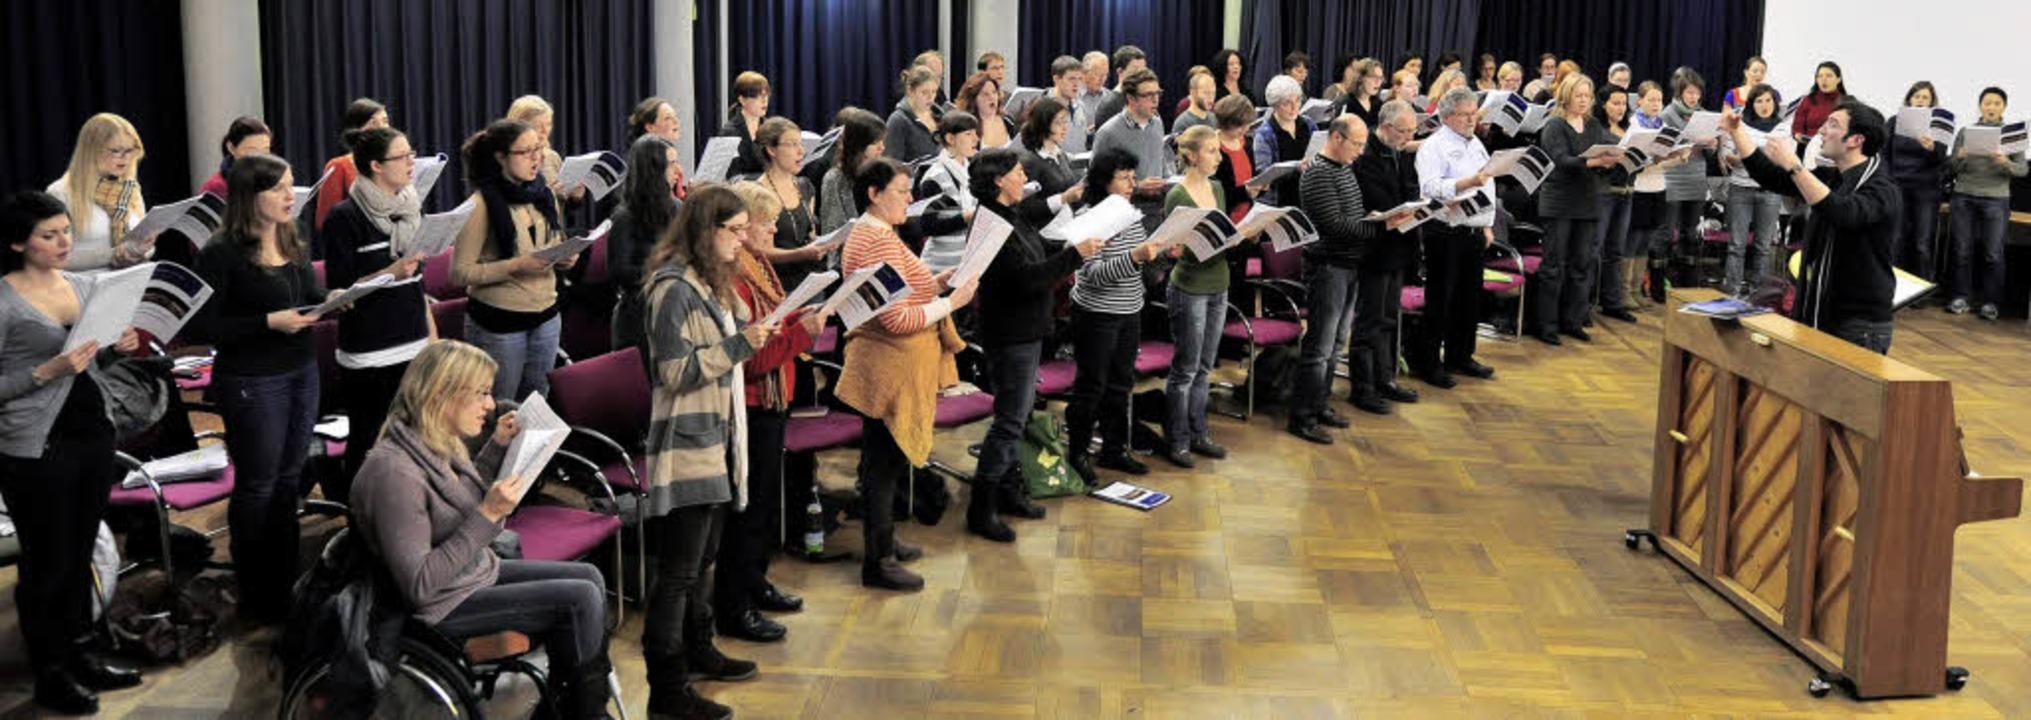 Konzentrierte Probenarbeit im Senatssa...chts beim Klavier) gibt den Takt vor.     Foto: Ingo Schneider